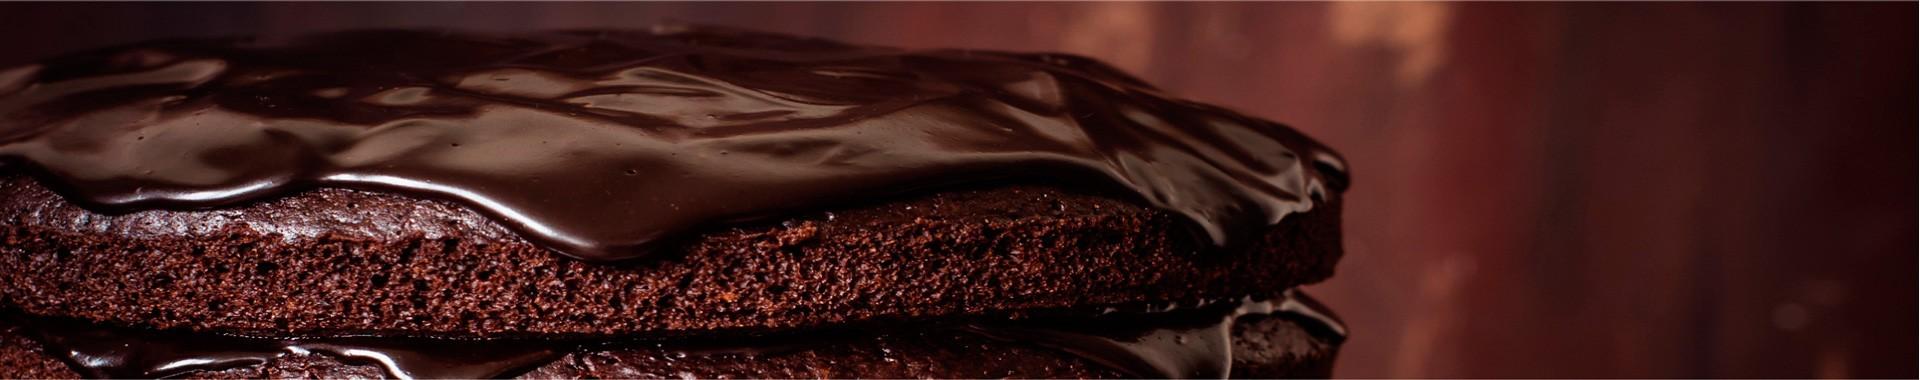 Canelones de mousse de chocolate y nueces